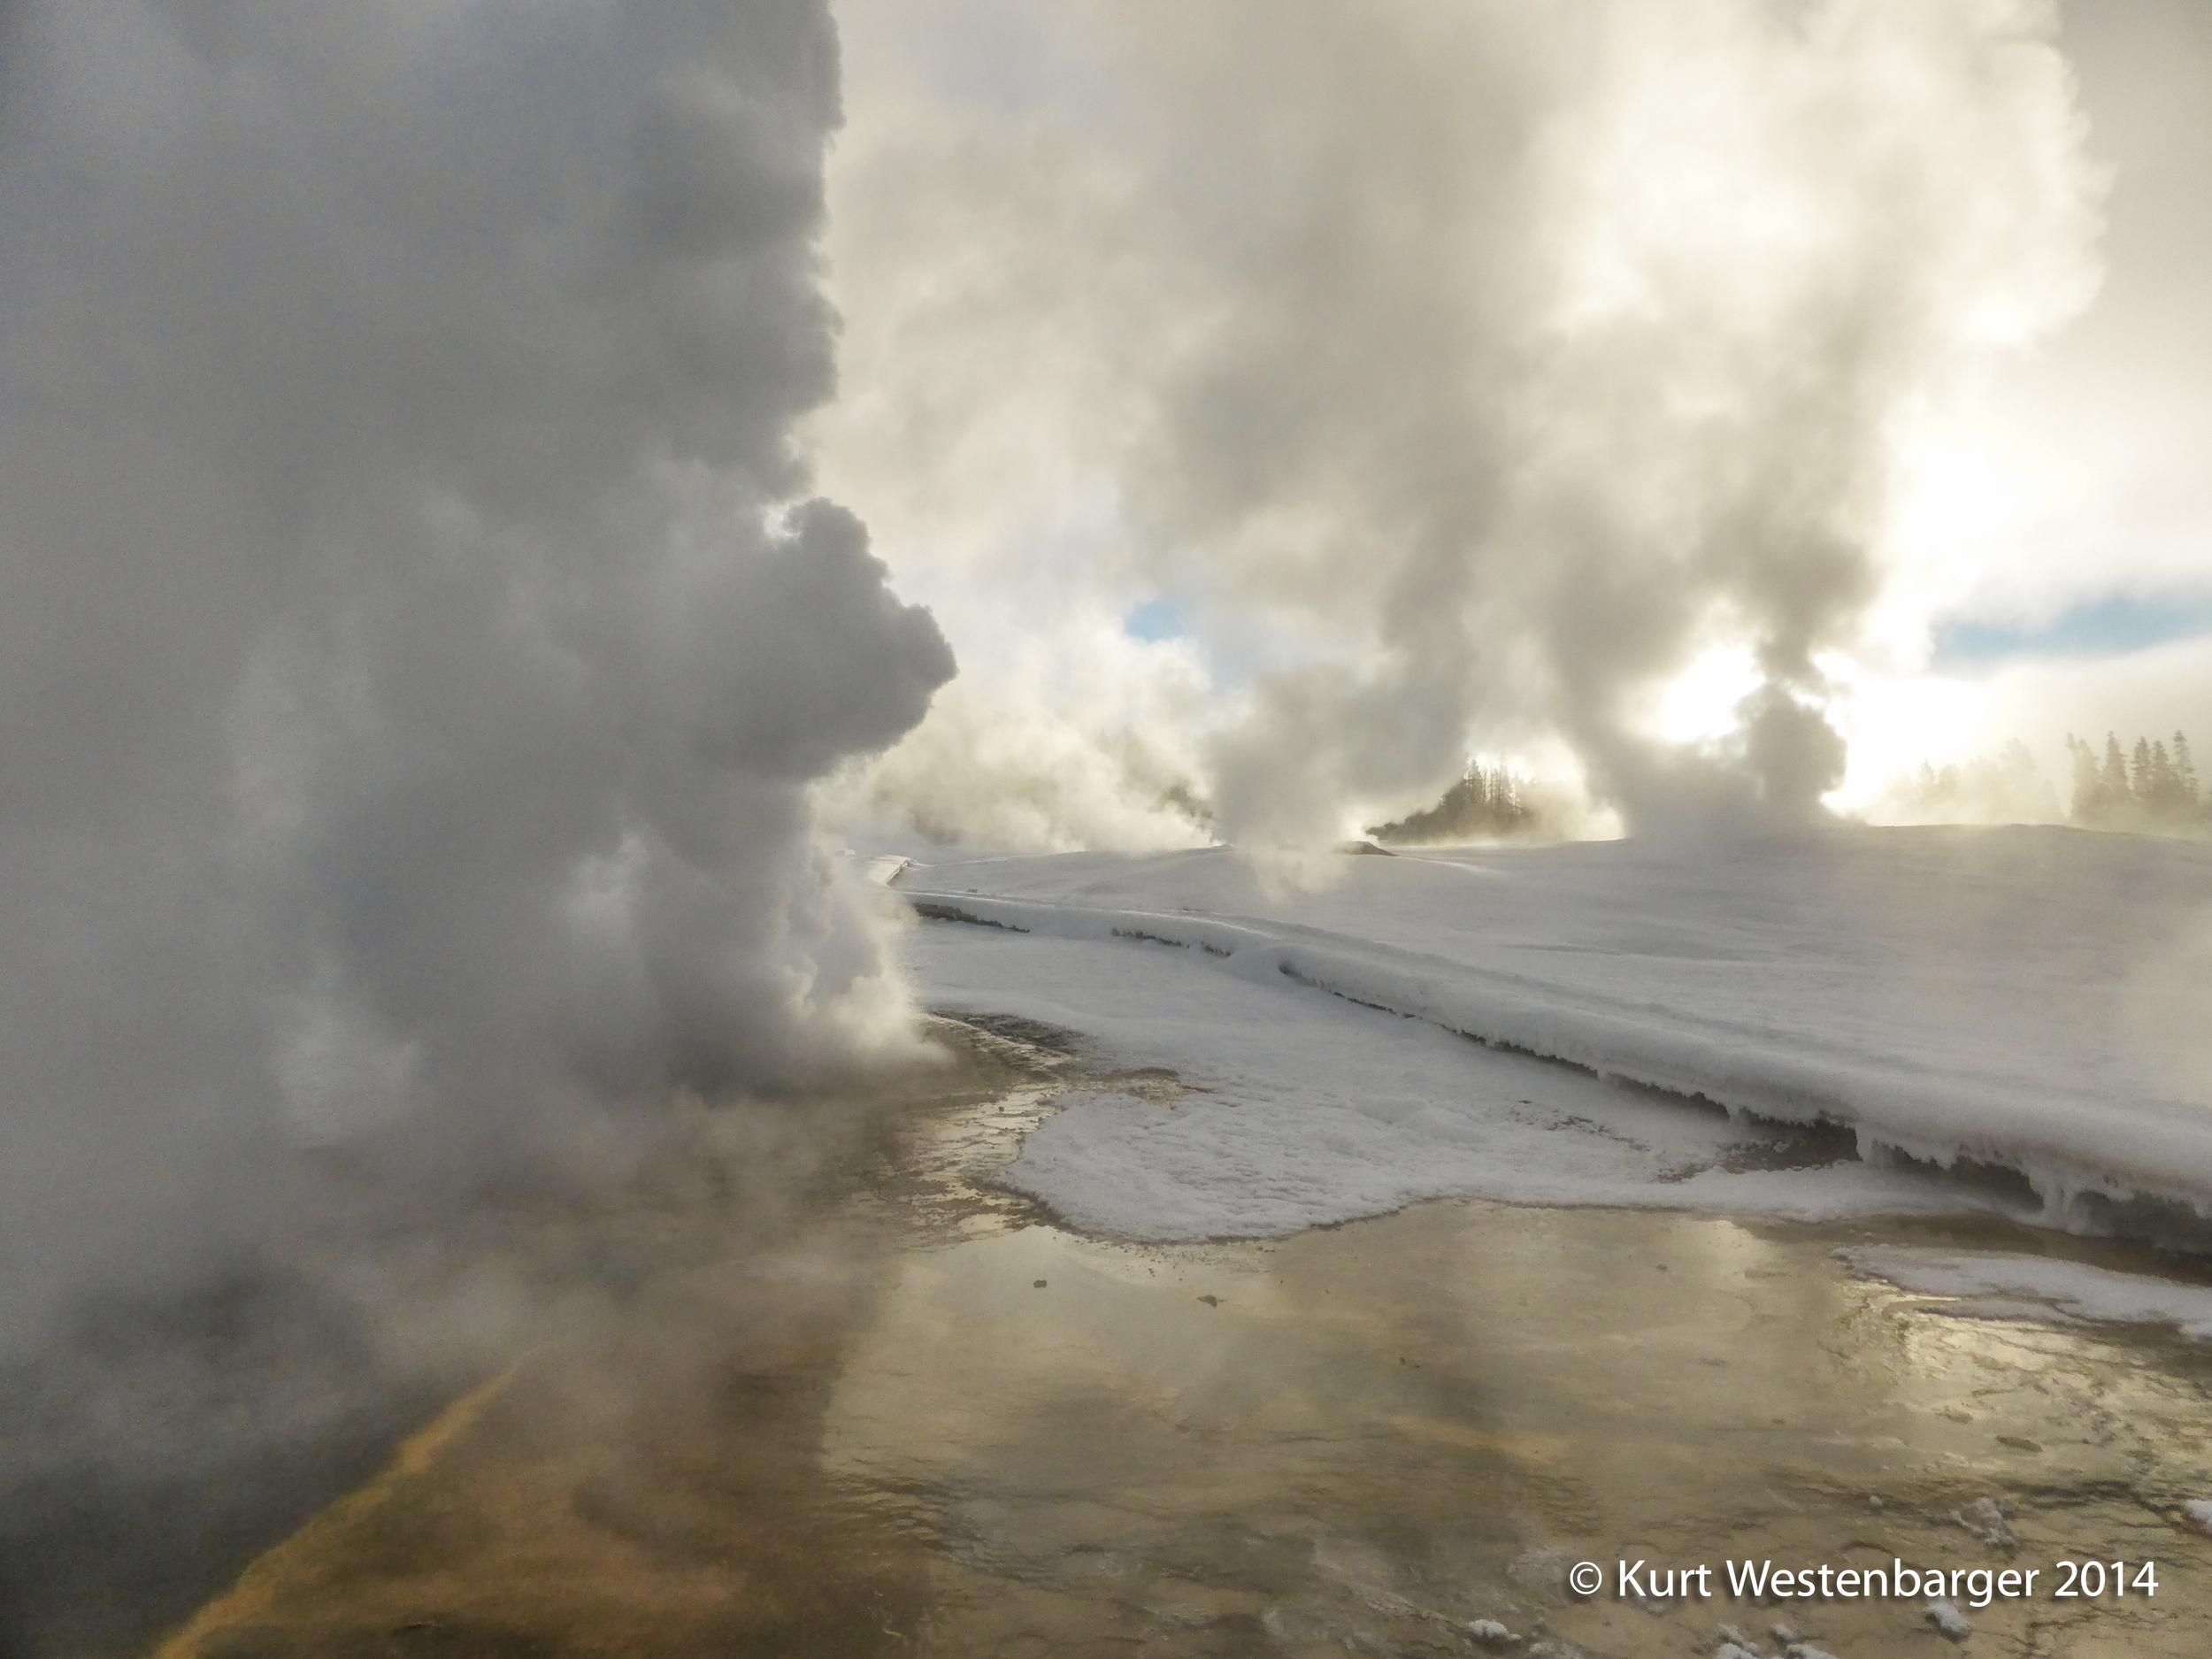 140206_Yellowstone_284.jpg